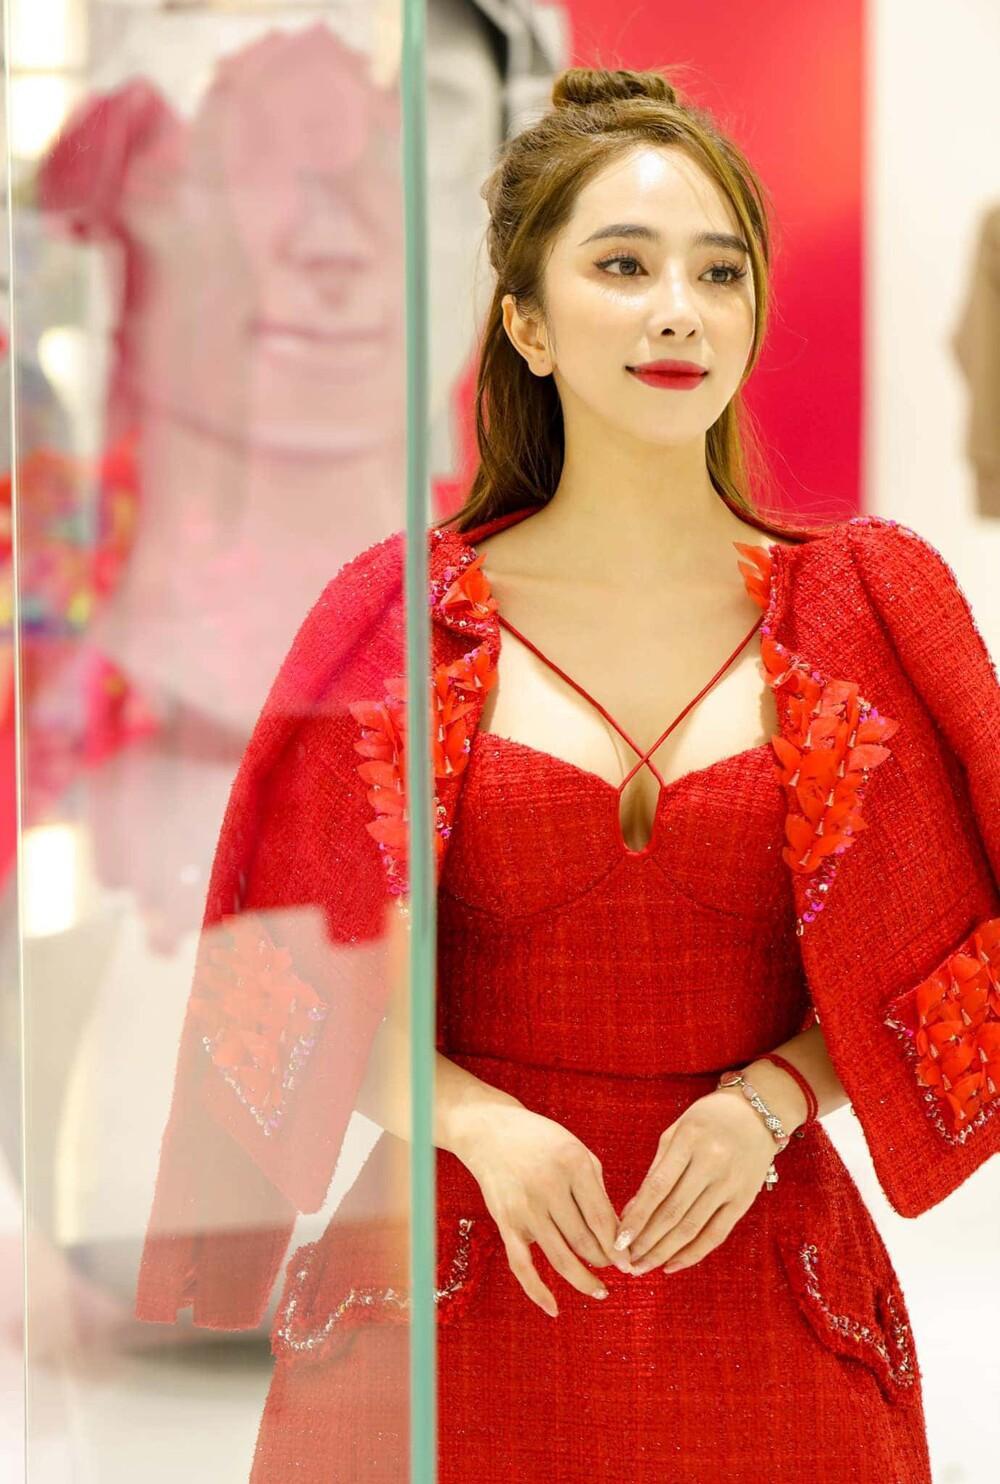 Lương Thùy Linh, Văn Mai Hương, Lynk Lee, Quỳnh Nga khoe vòng 1 'tràn viền' trong cùng chiếc váy đỏ Ảnh 10